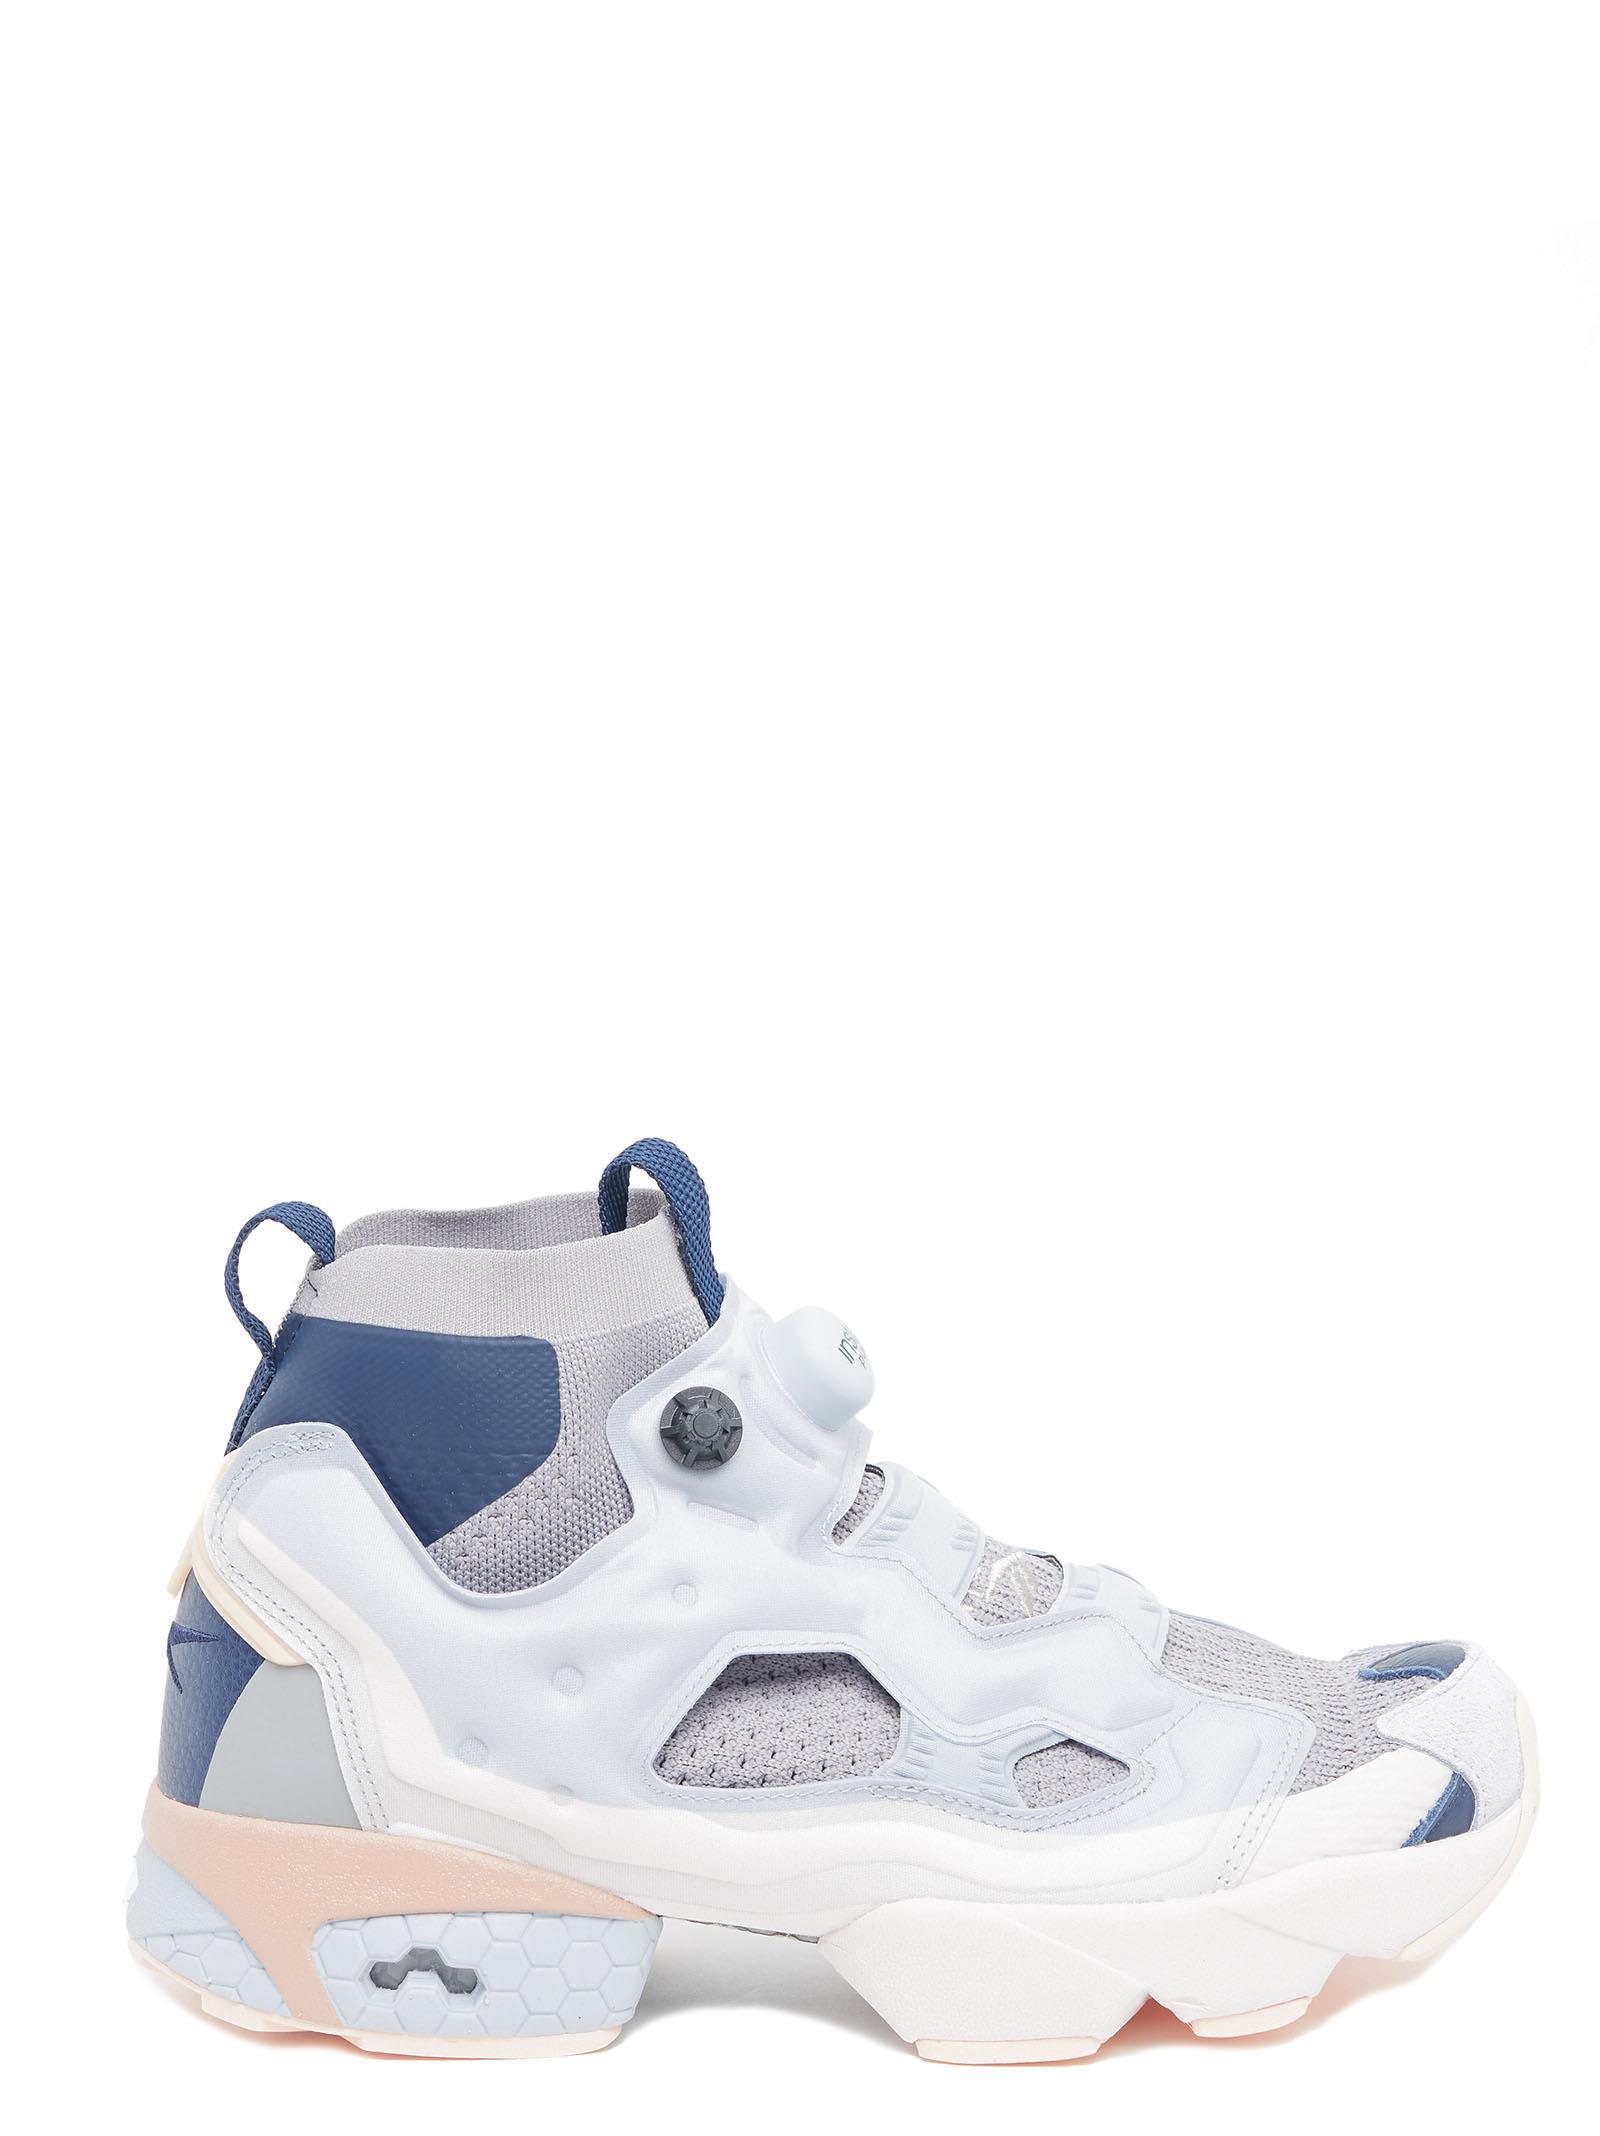 Reebok instantpump Fury Shoes